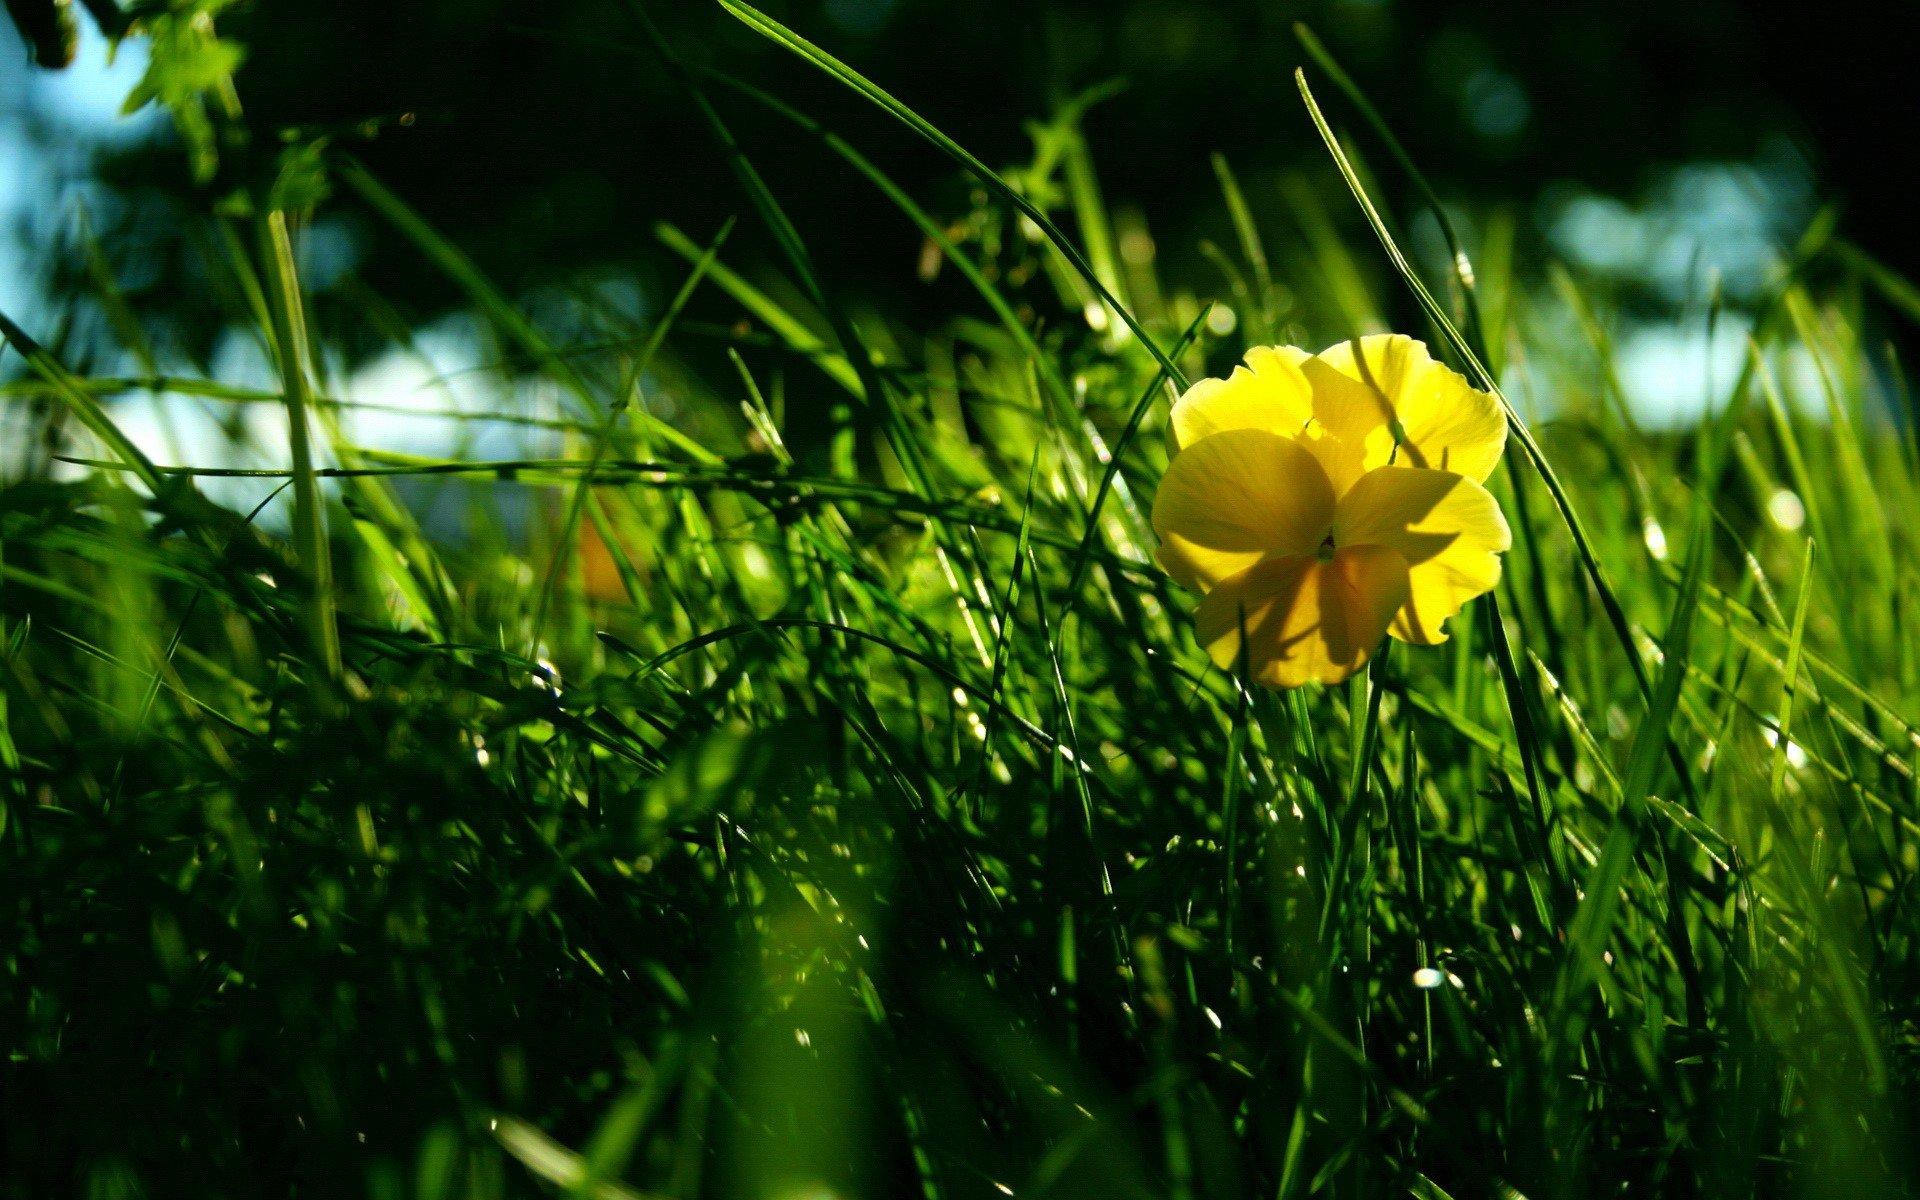 одним видов желто зеленые картинки на природе могут даже объявить